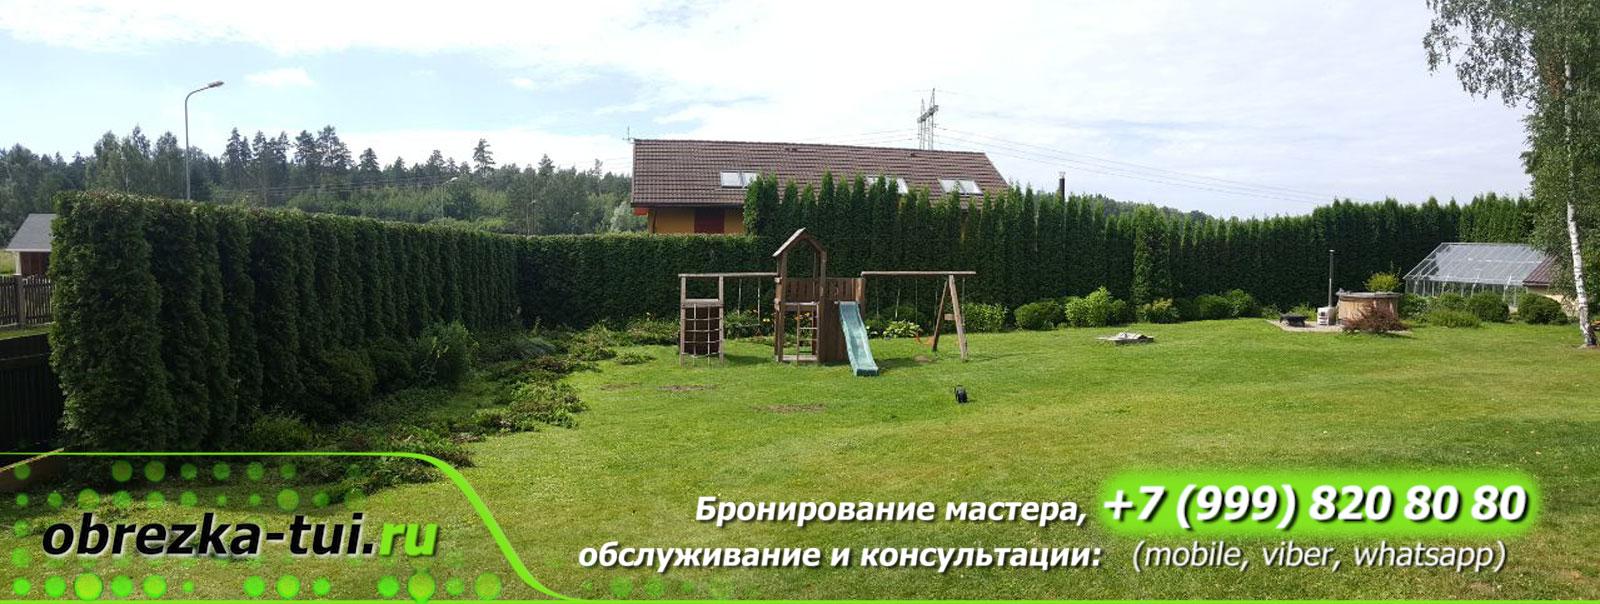 Стрижка туй Москва услуги цена